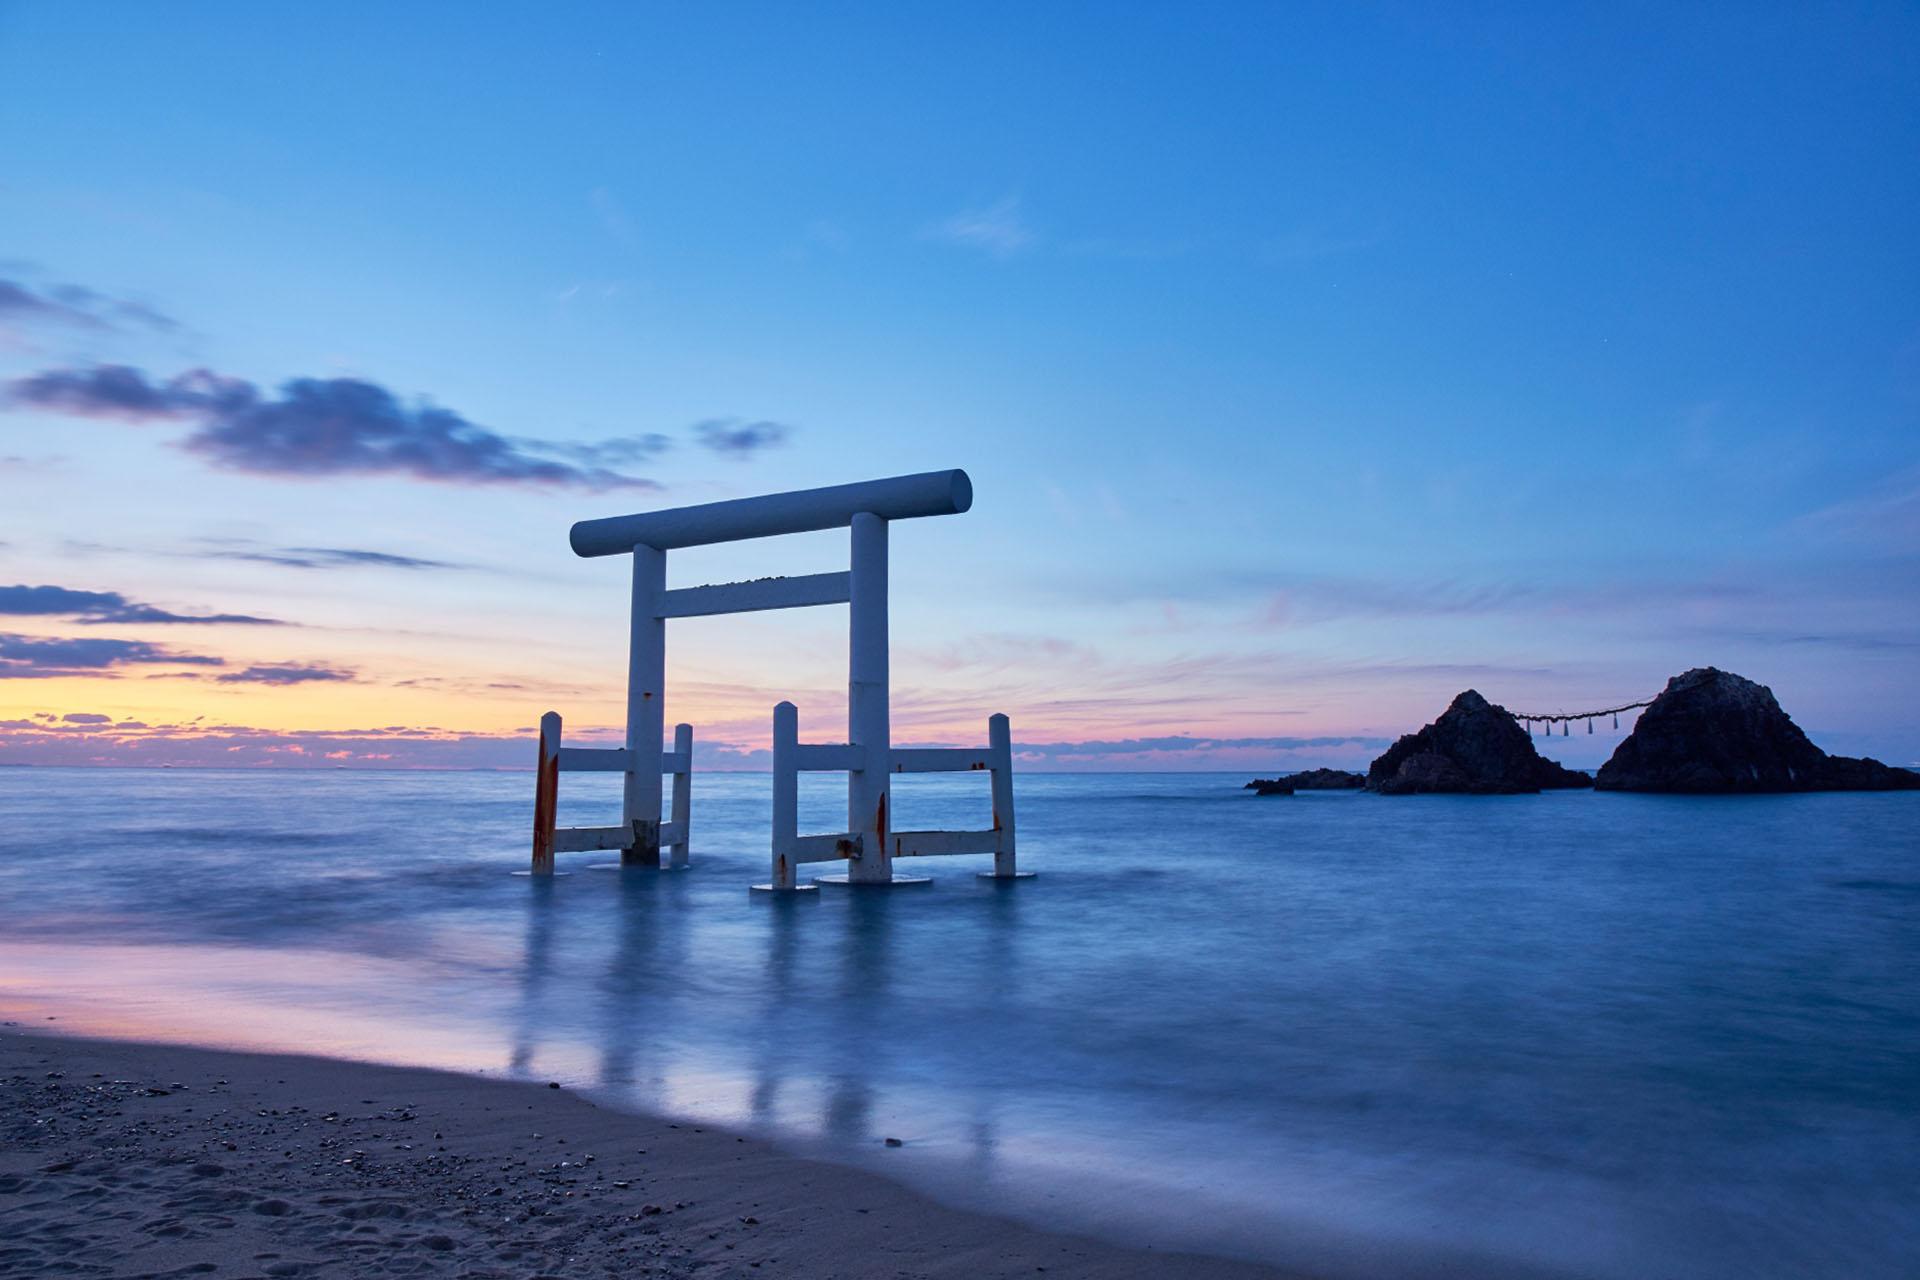 桜井二見ヶ浦の夫婦岩 福岡の風景